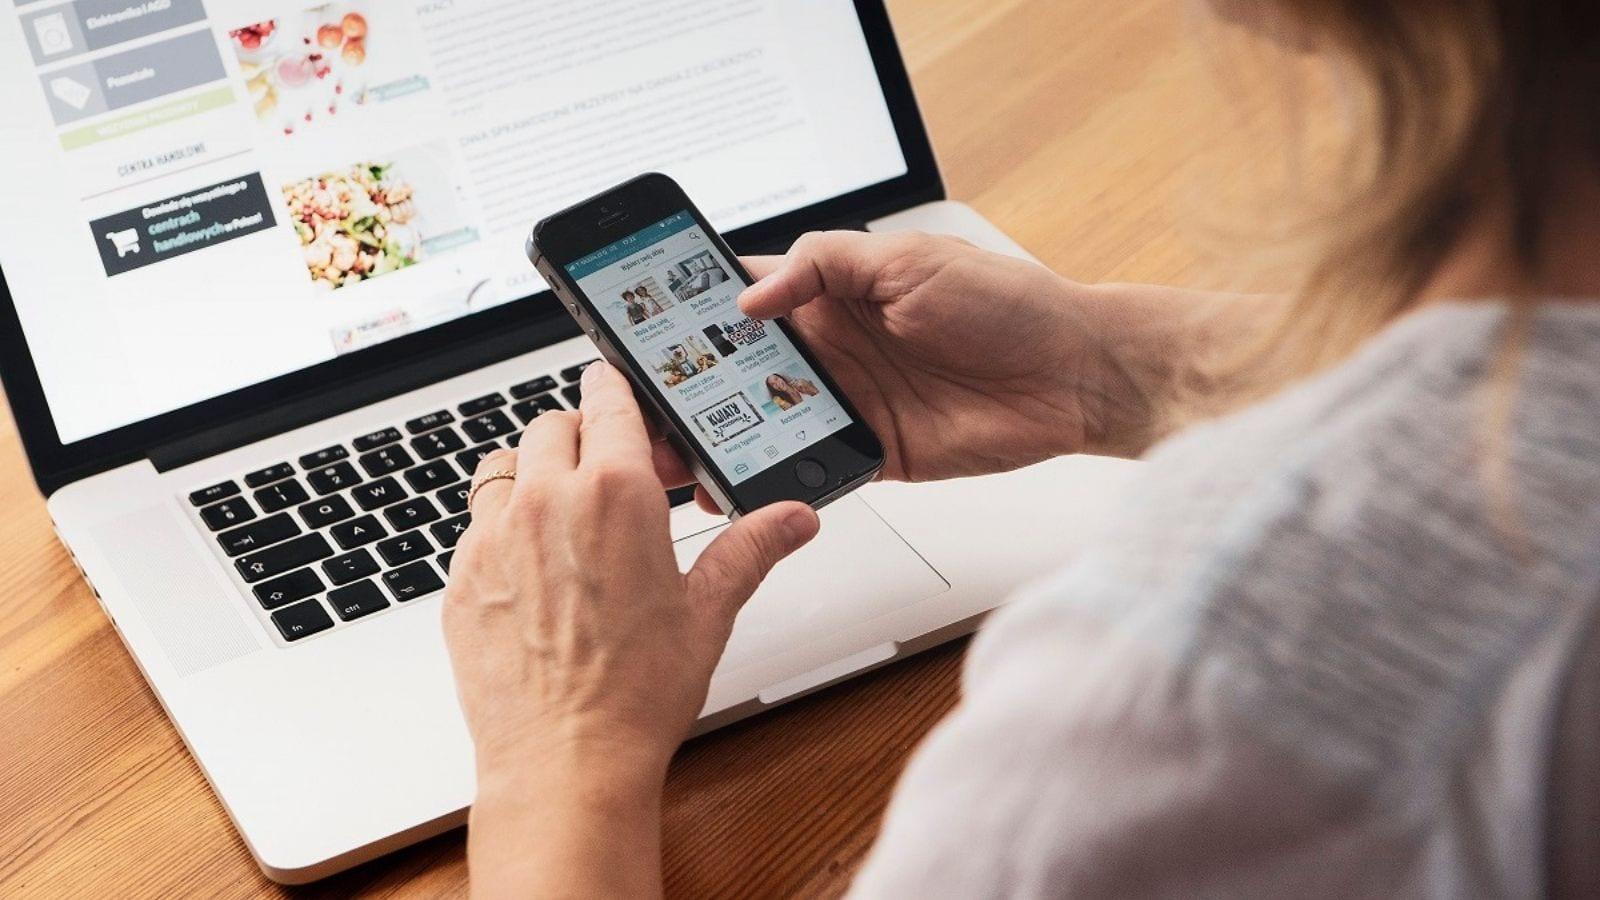 Polskie e-sklepy mają problem ze zwrotami? [BADANIE] E-commerce mediarun e commerce2